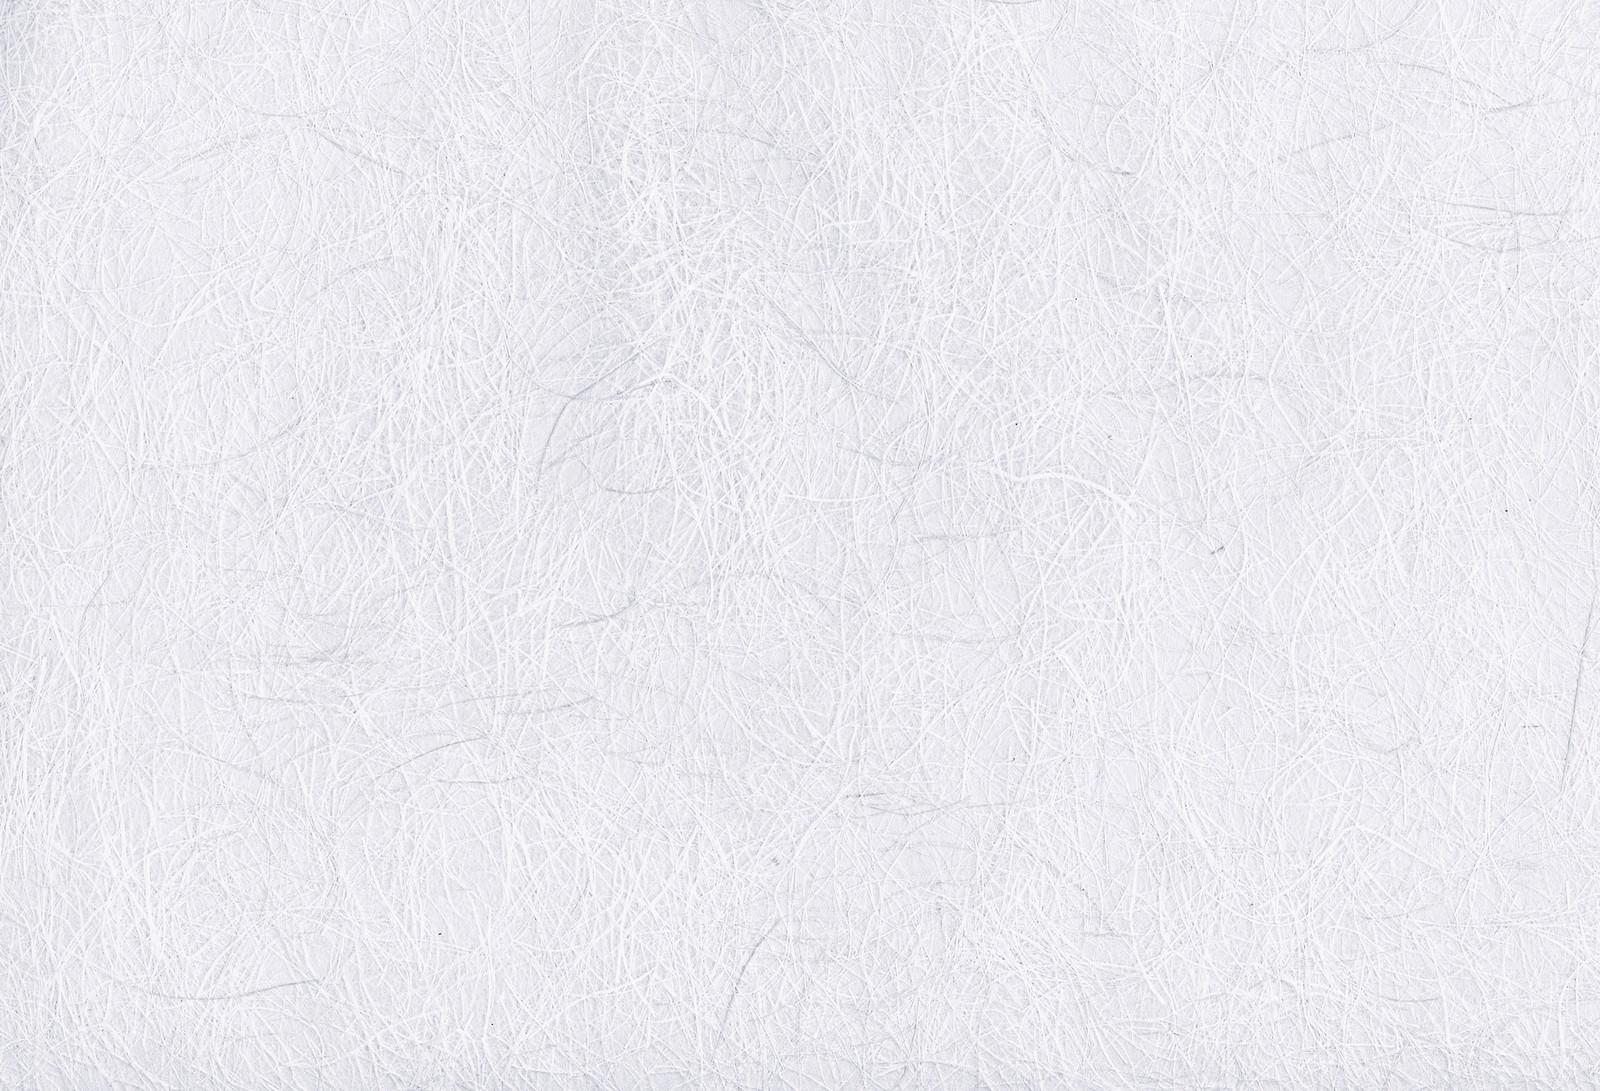 「和系デザインに使いやすい繊維和紙」の写真